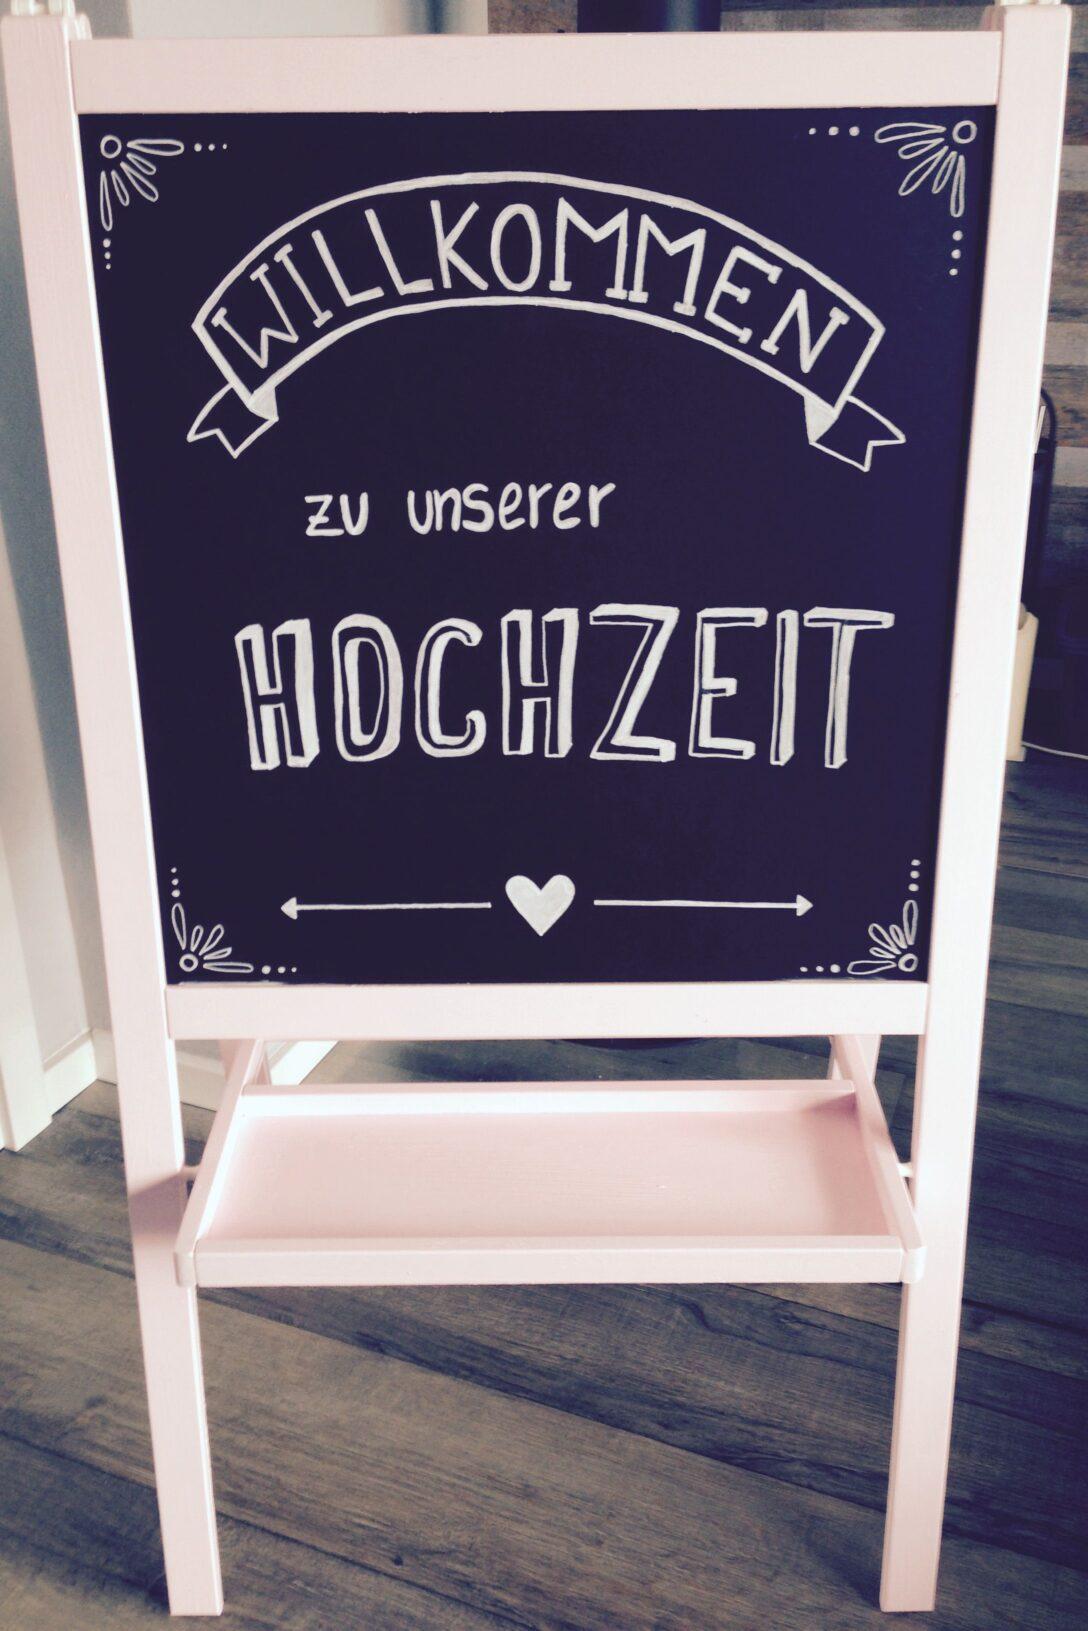 Large Size of Ikea Tafel Herzlich Willkommen Zu Unserer Hochzeit Diy Kreidetafel Küche Sofa Mit Schlaffunktion Kaufen Modulküche Miniküche Betten Bei 160x200 Kosten Wohnzimmer Kreidetafel Ikea